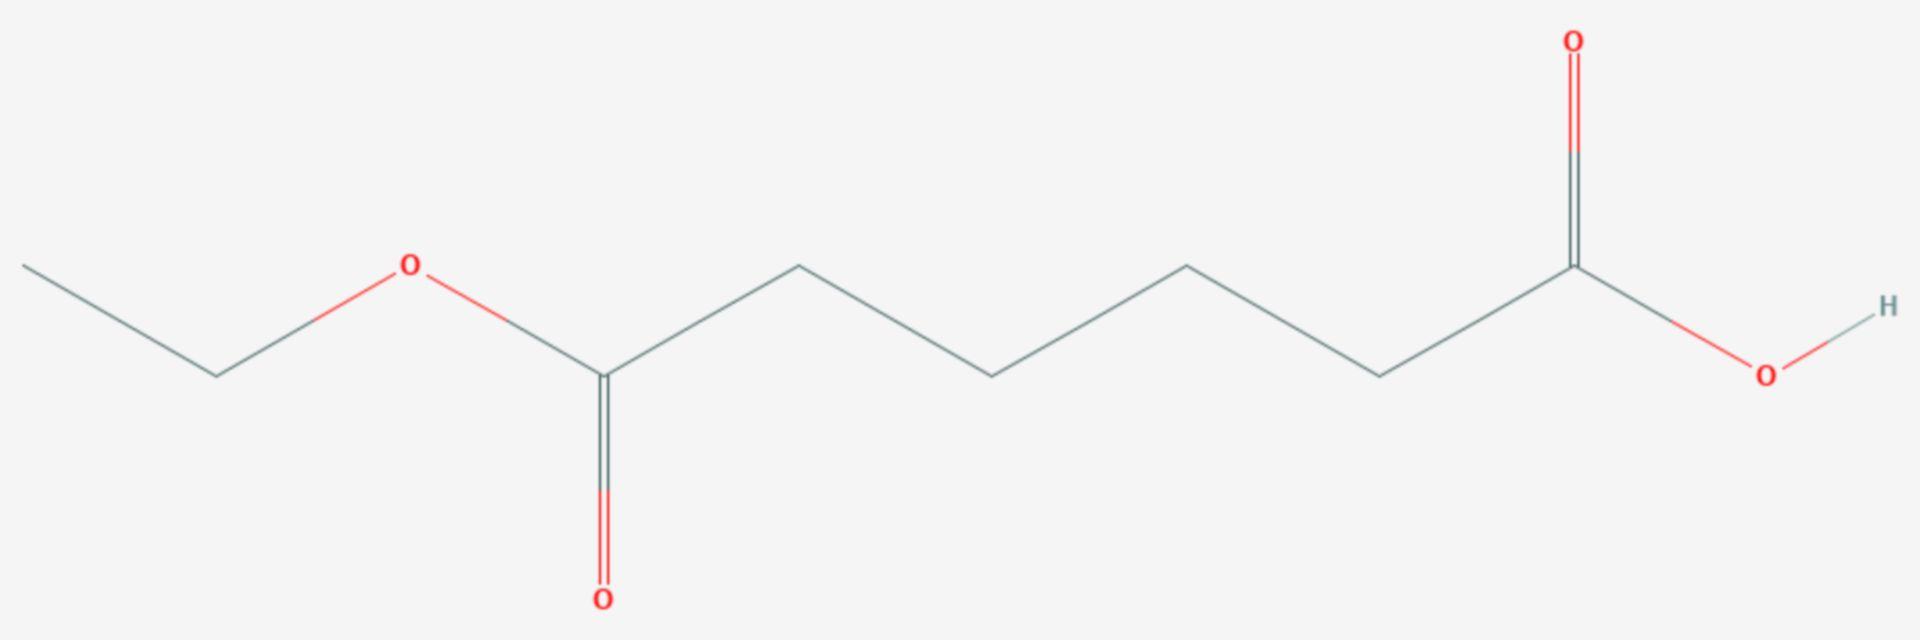 Monoethyladipat (Strukturformel)